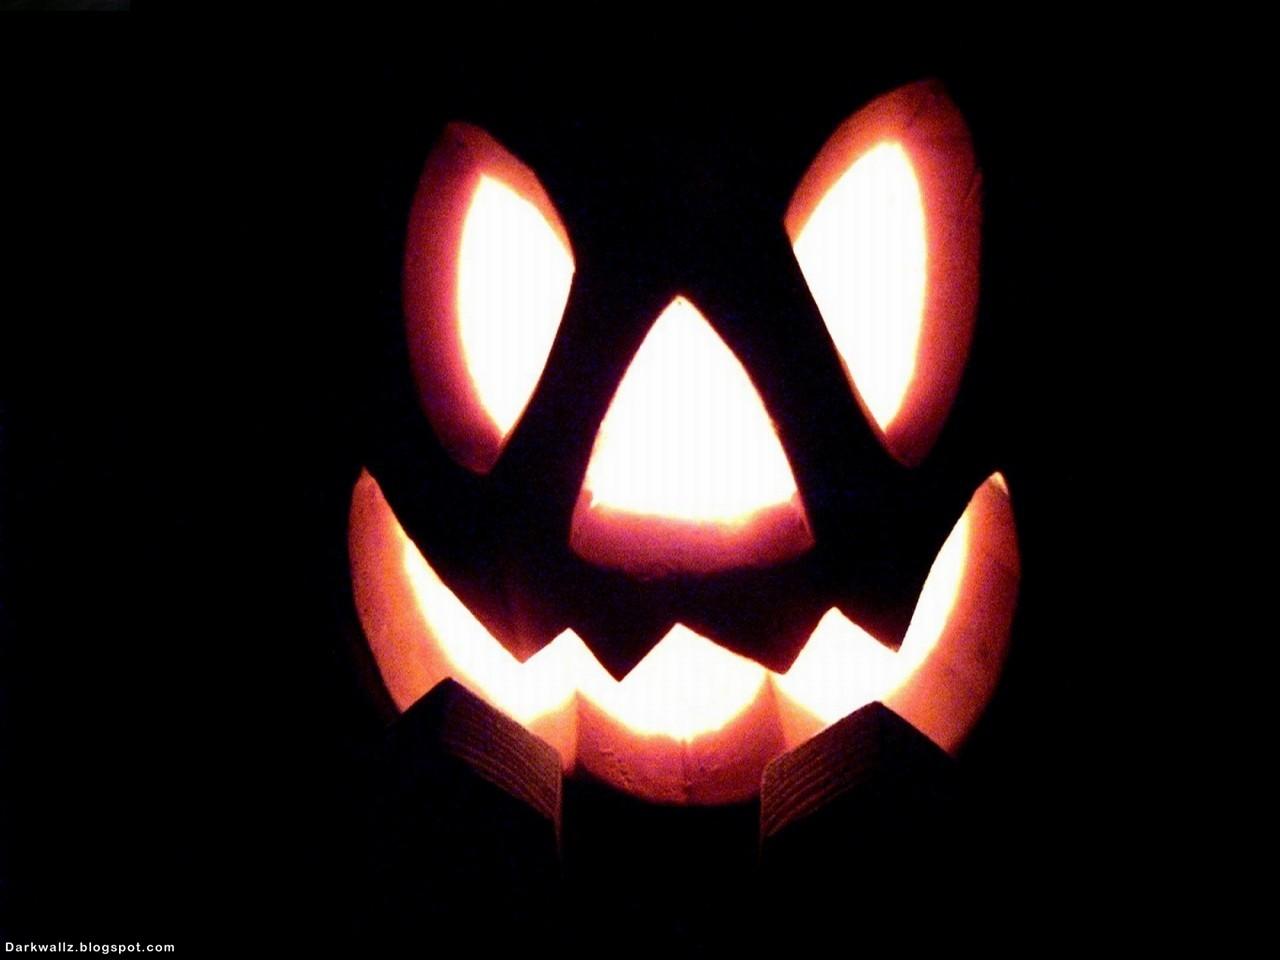 Halloween Wallpapers 119   Dark Wallpaper Download